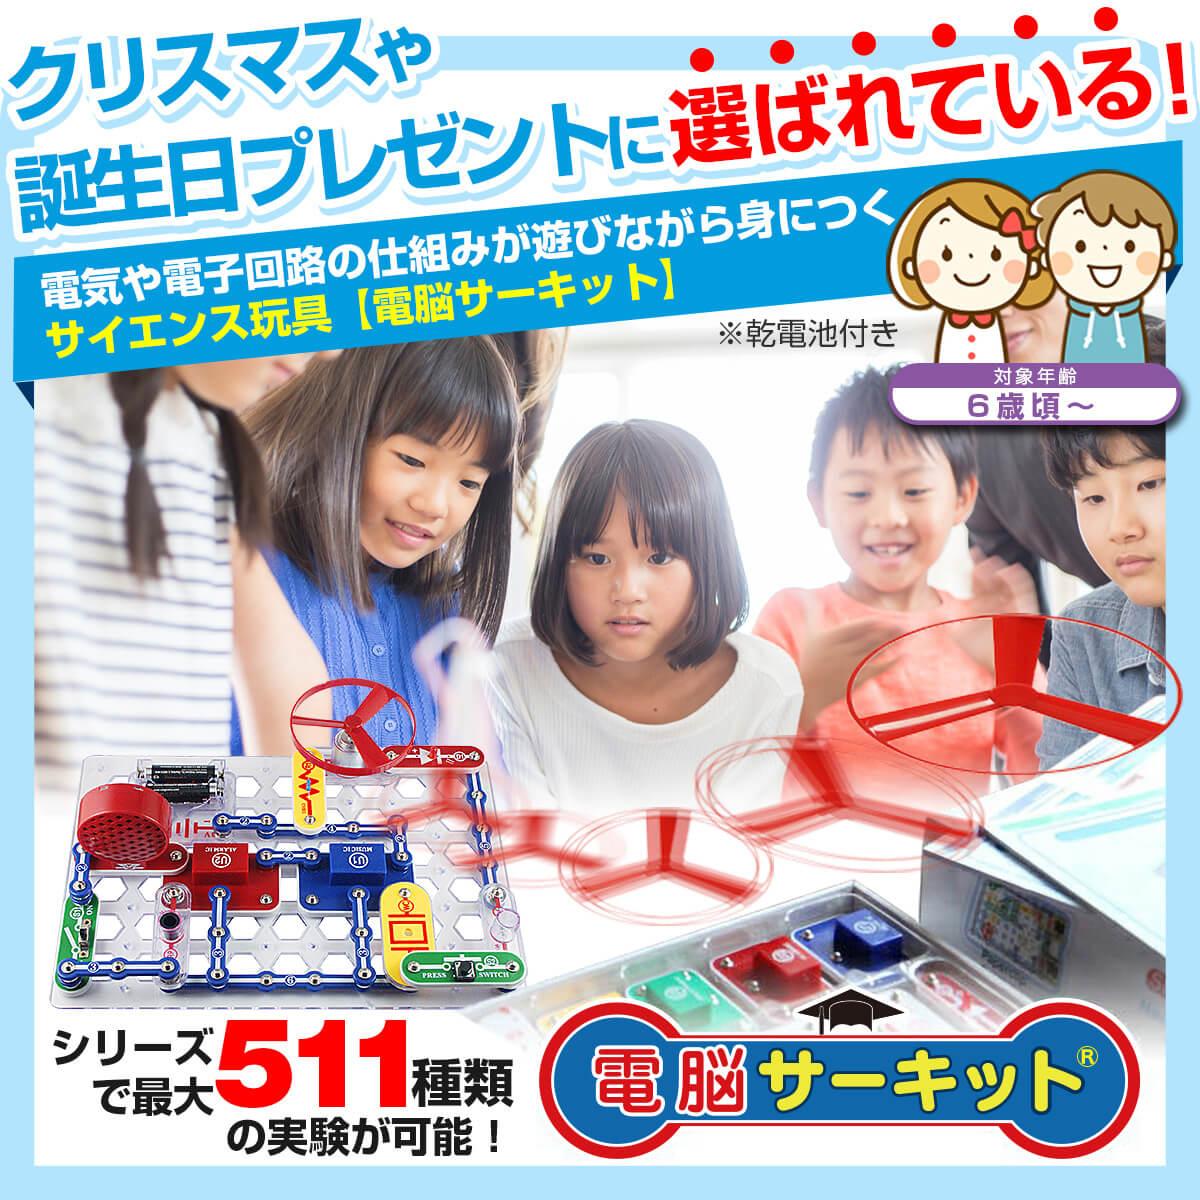 電子回路 おもちゃ 電脳サーキット